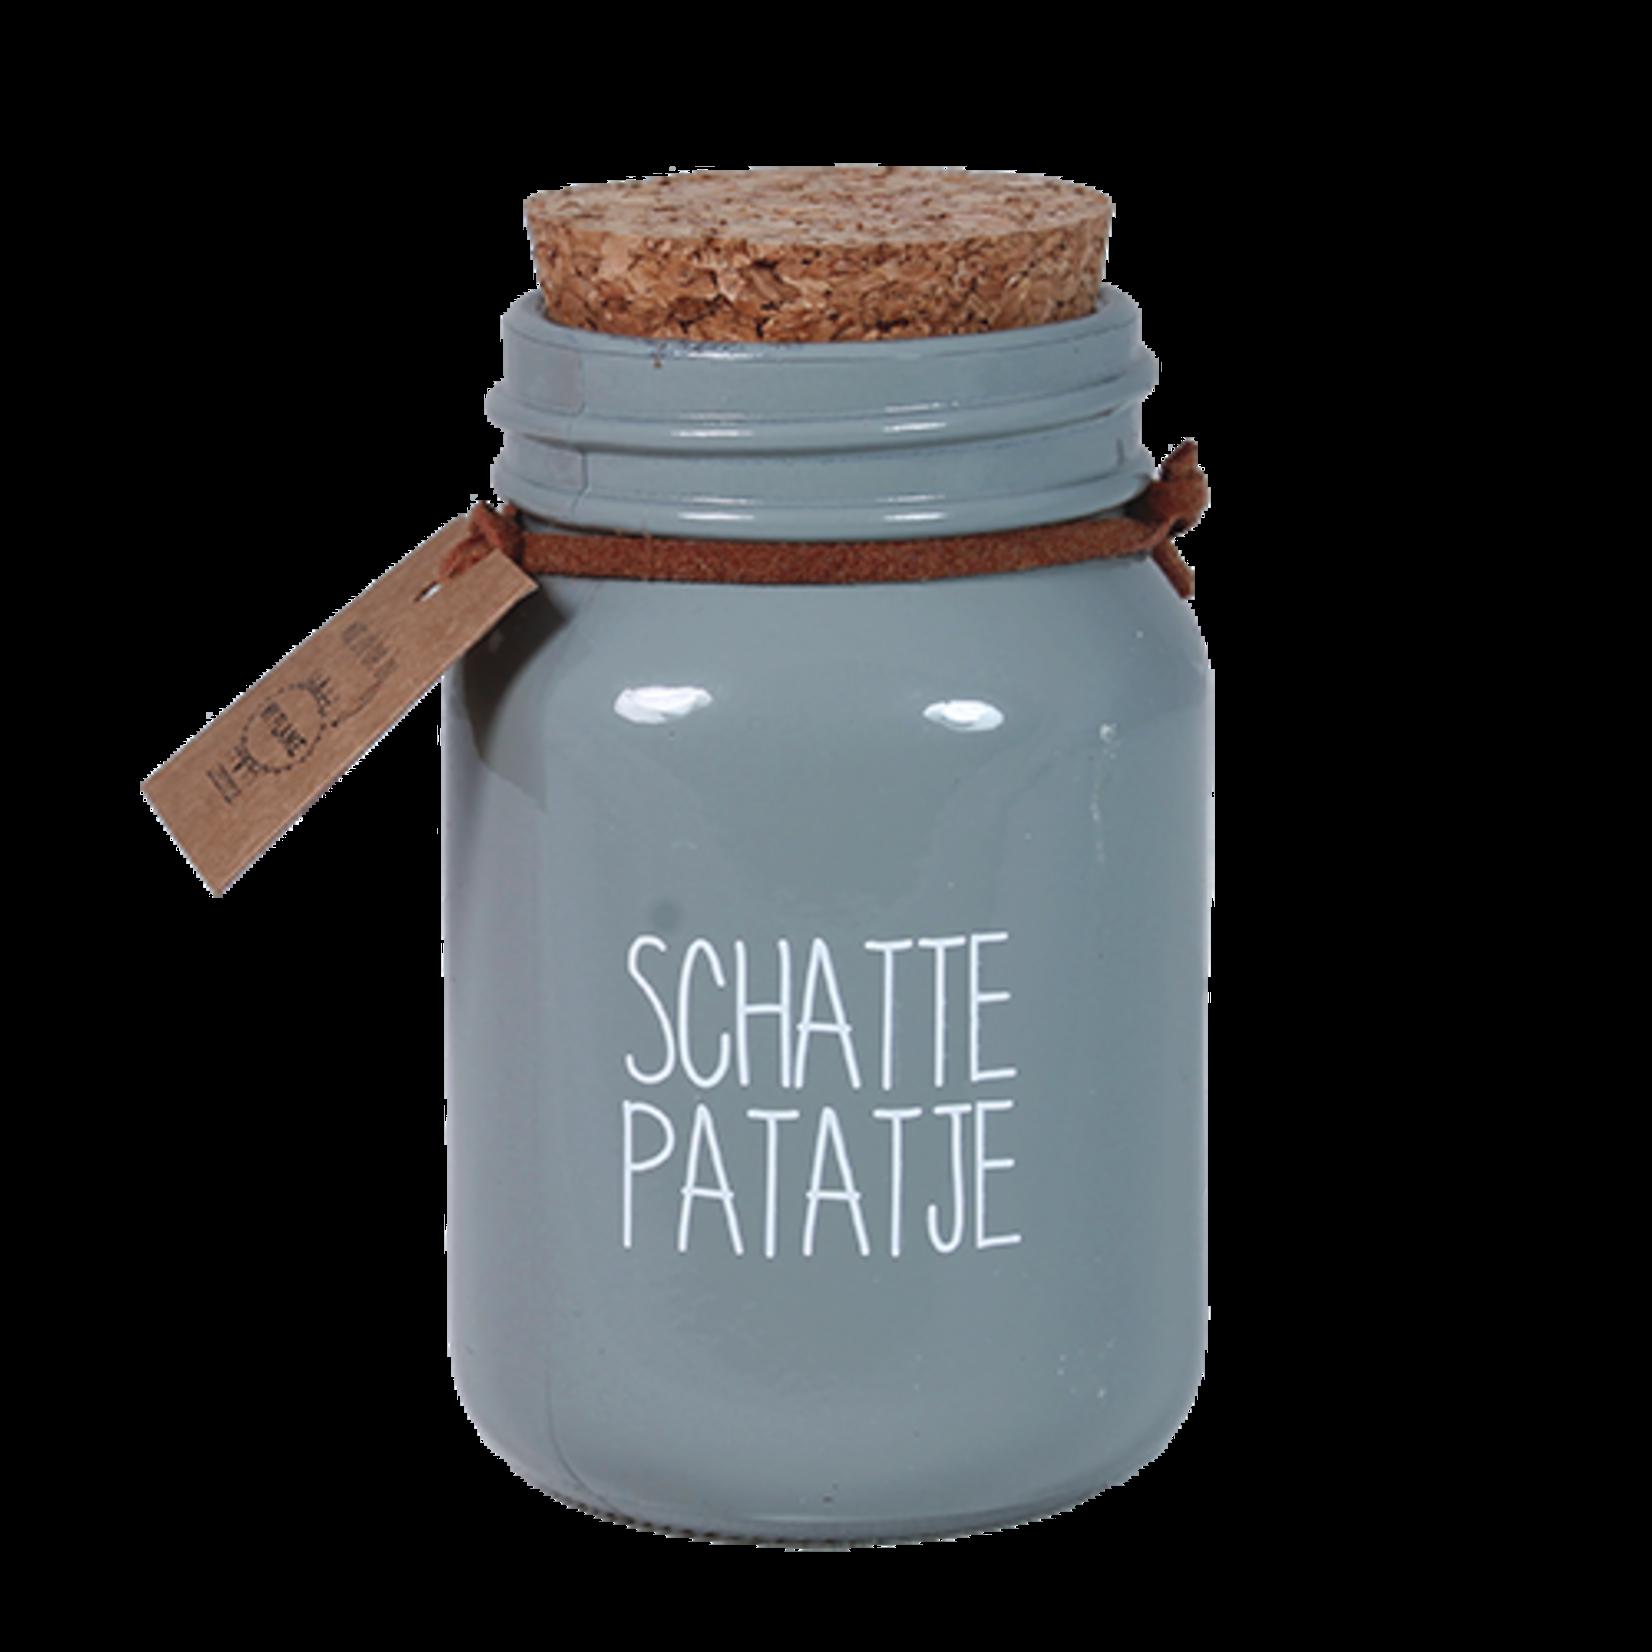 My Flame Sojakaars - Schattepatatje